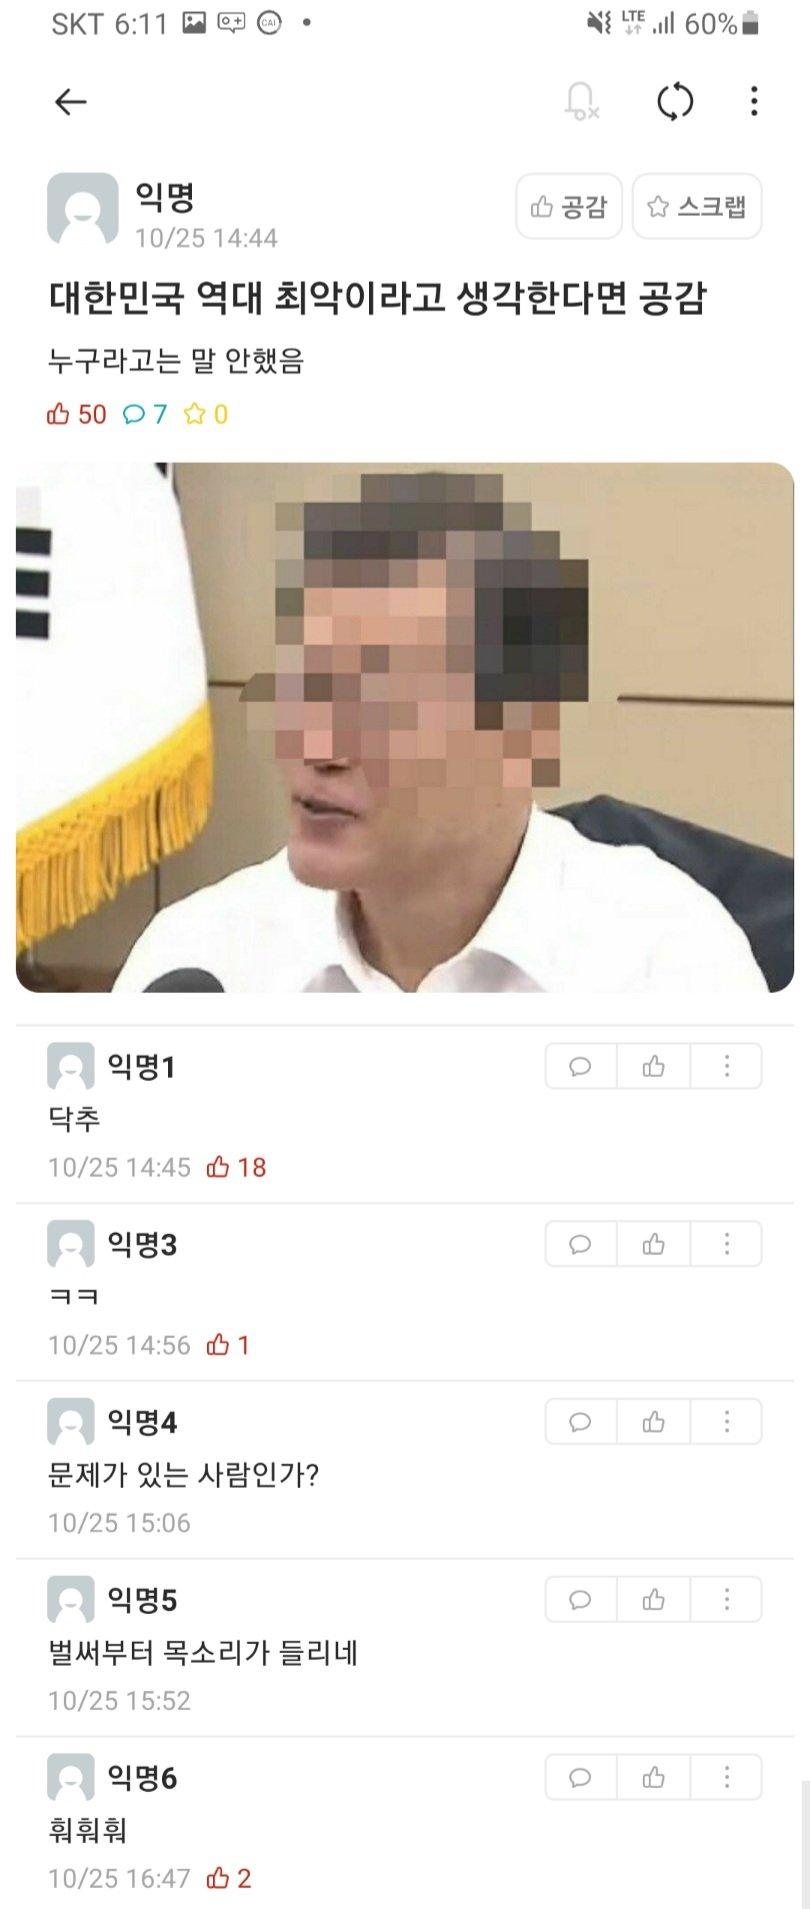 viewimage.php?id=2fbcc323e7d334aa51b1d3a24f&no=24b0d769e1d32ca73fec87fa11d0283168a8dd5d0373ee31e5f23e84e6278773ef44eaad2dd160de69e86927f781fdbf02e484f73d9203f67b74db3ce62969b723c3b4c550f623d7b2cb56e0c798d9e1486895c11c28cdc64d